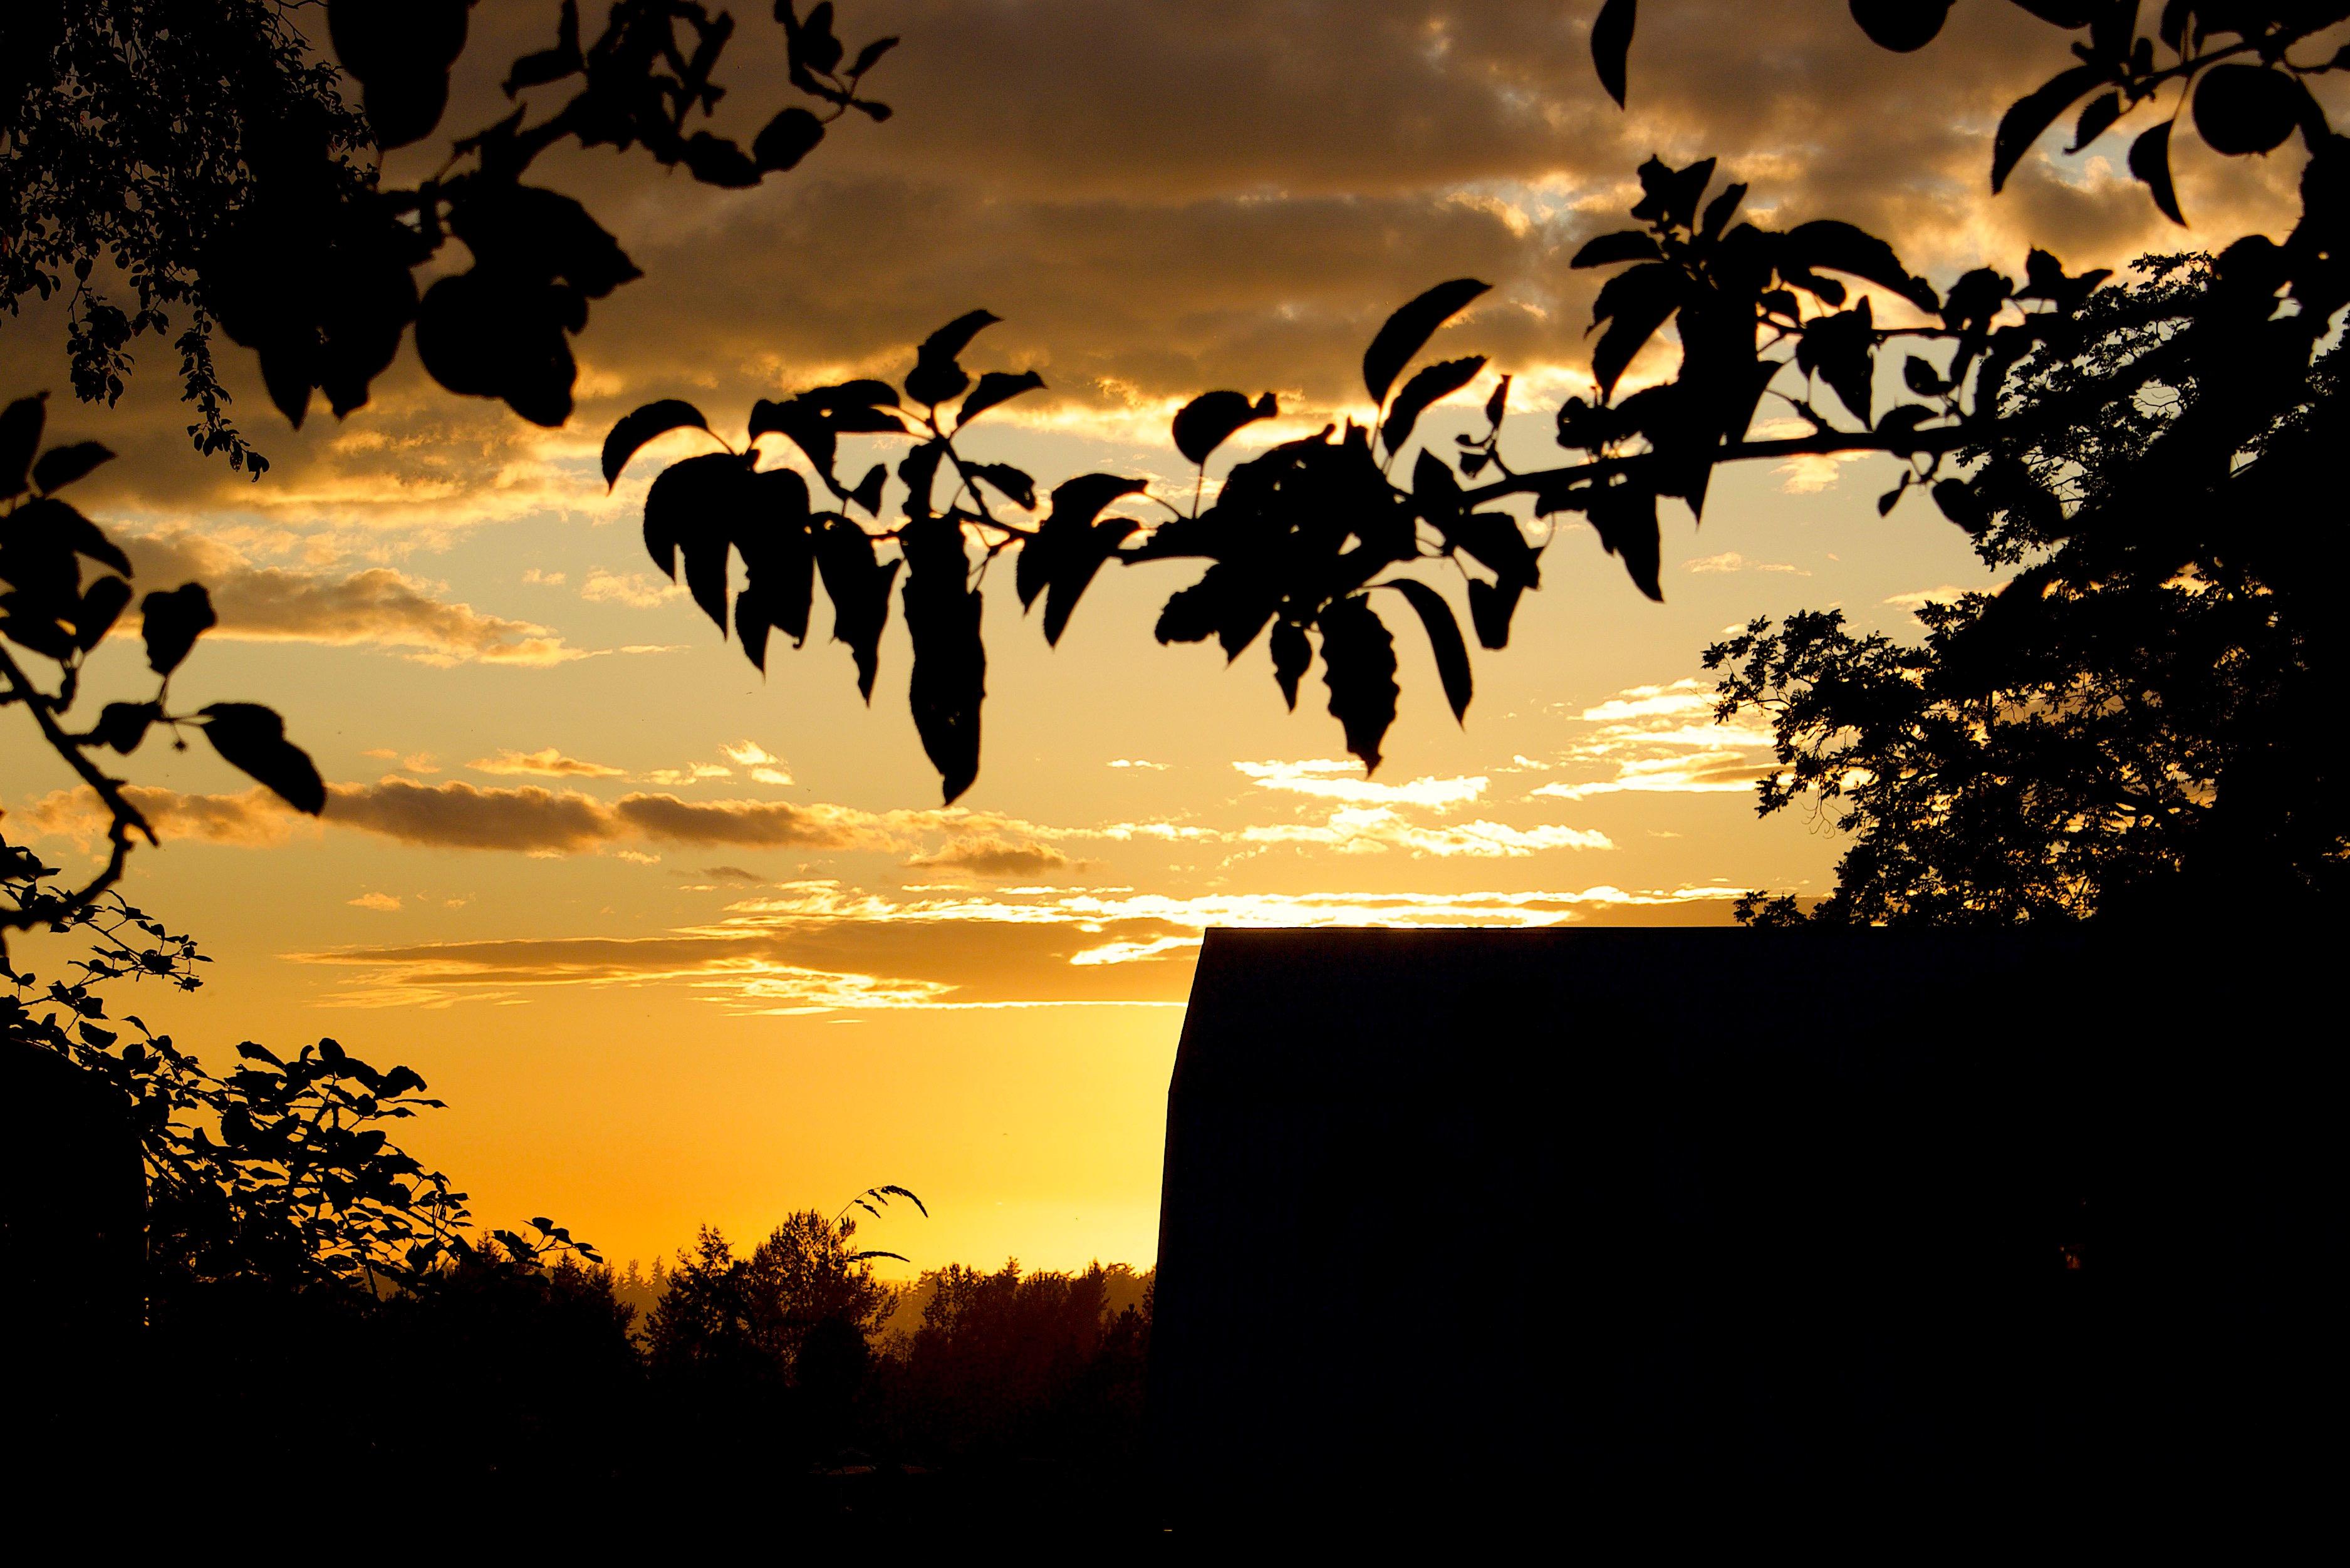 sunsetbarnlight